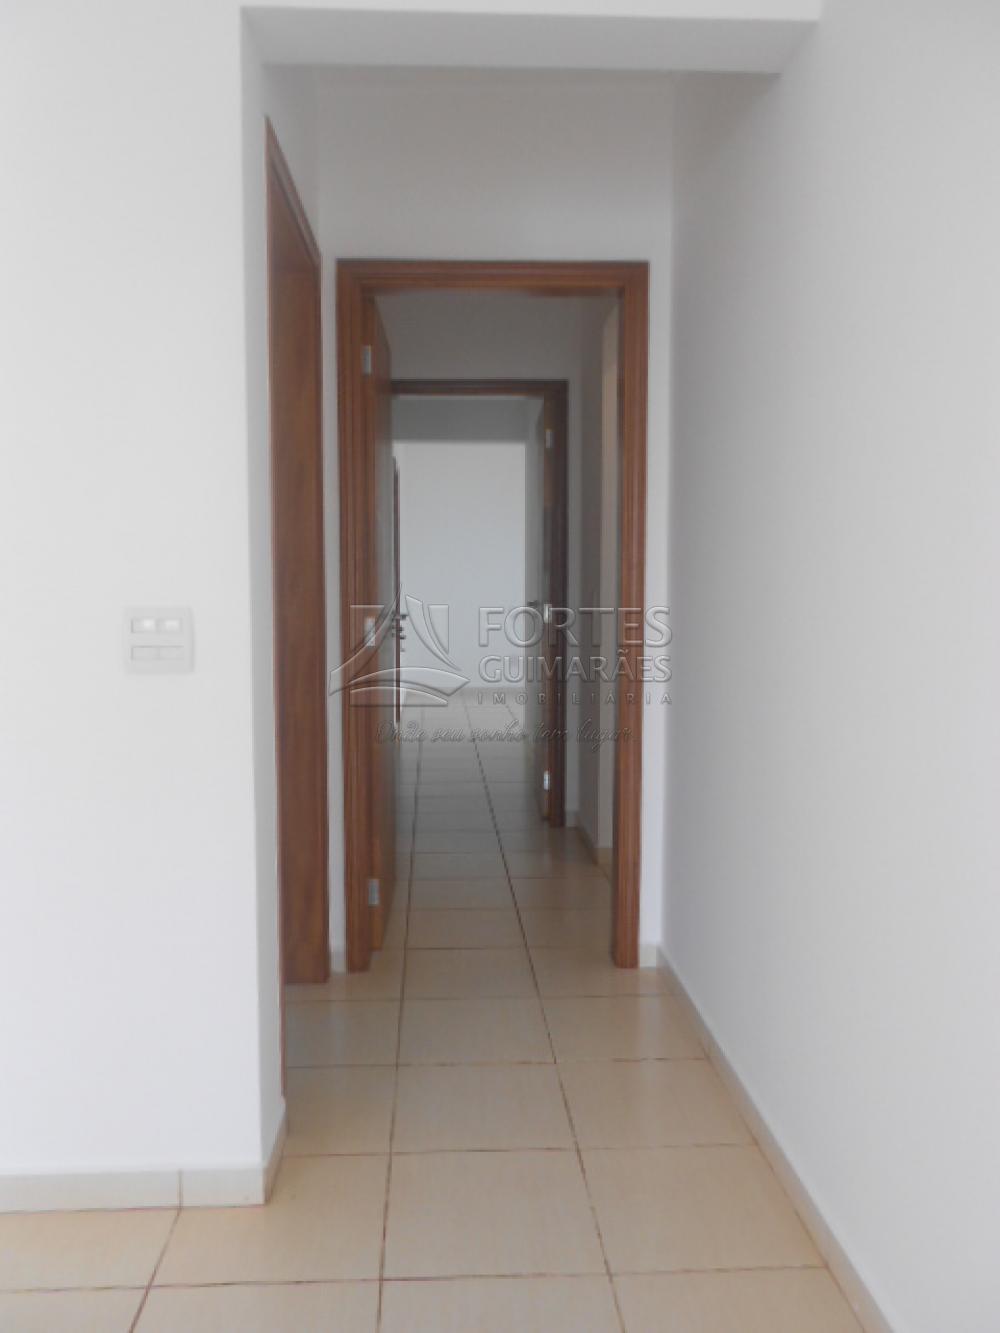 Alugar Apartamentos / Padrão em Ribeirão Preto apenas R$ 1.300,00 - Foto 13